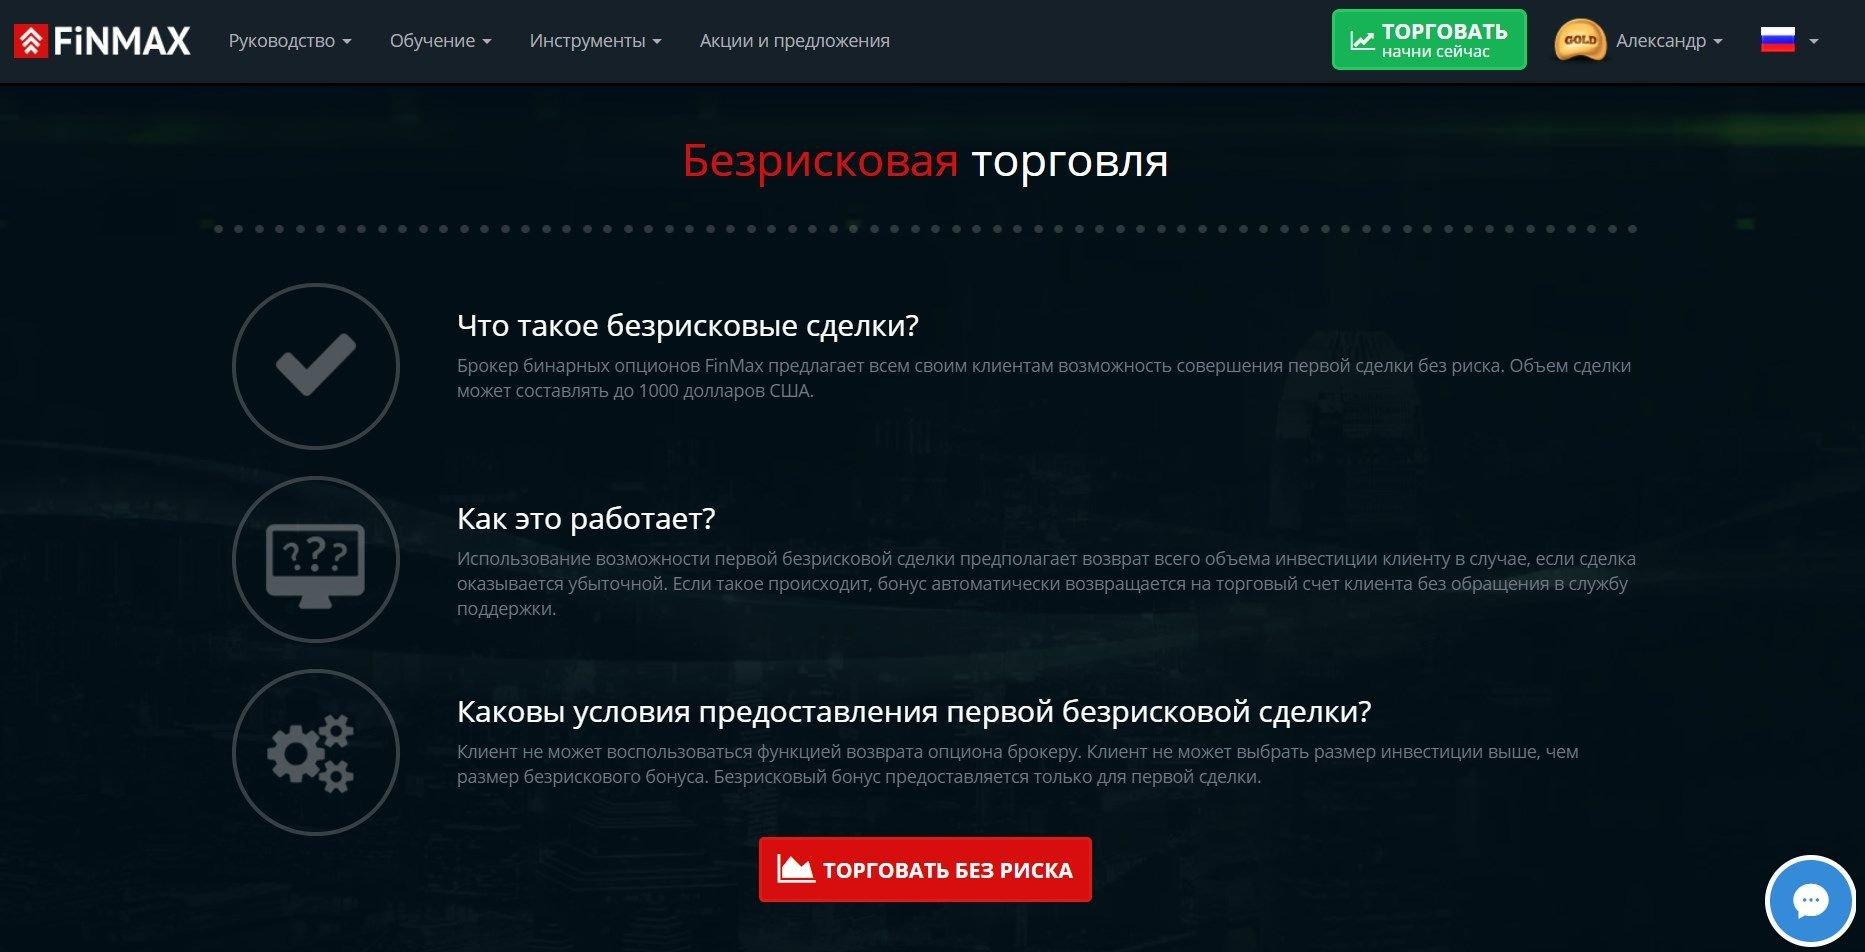 Специальный бонус для всех пользователей торговой платформы finmax